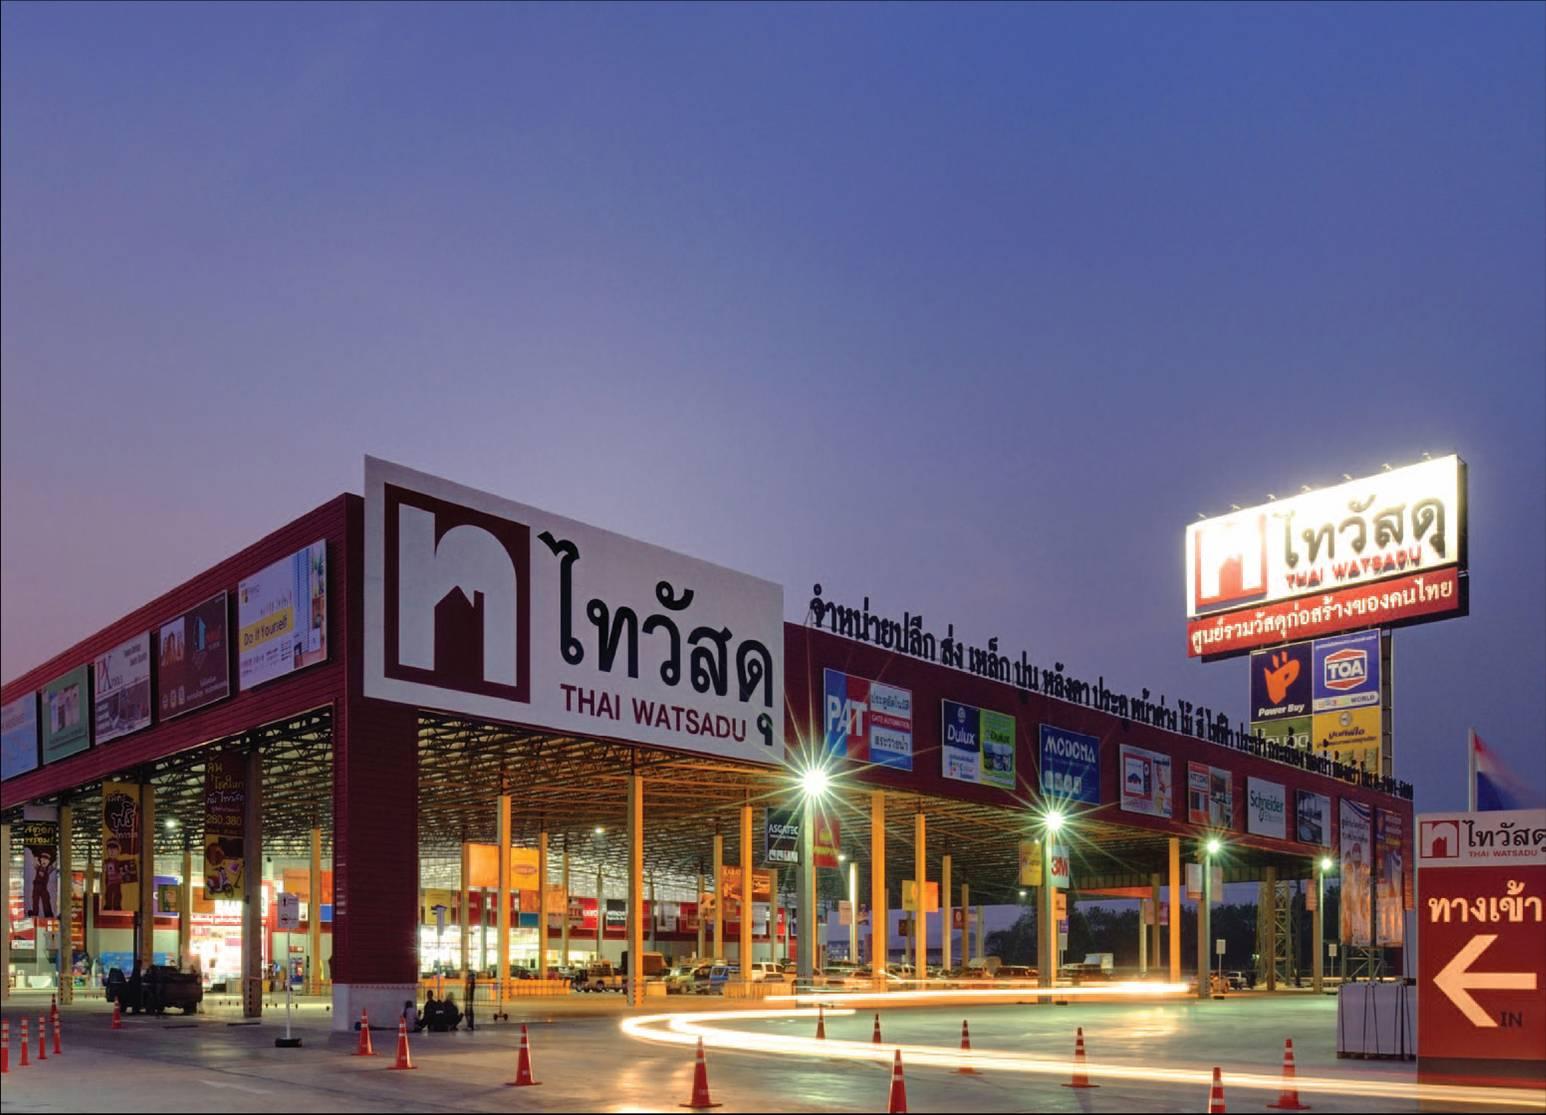 гипермаркет Thai Watsadu на Пхукете